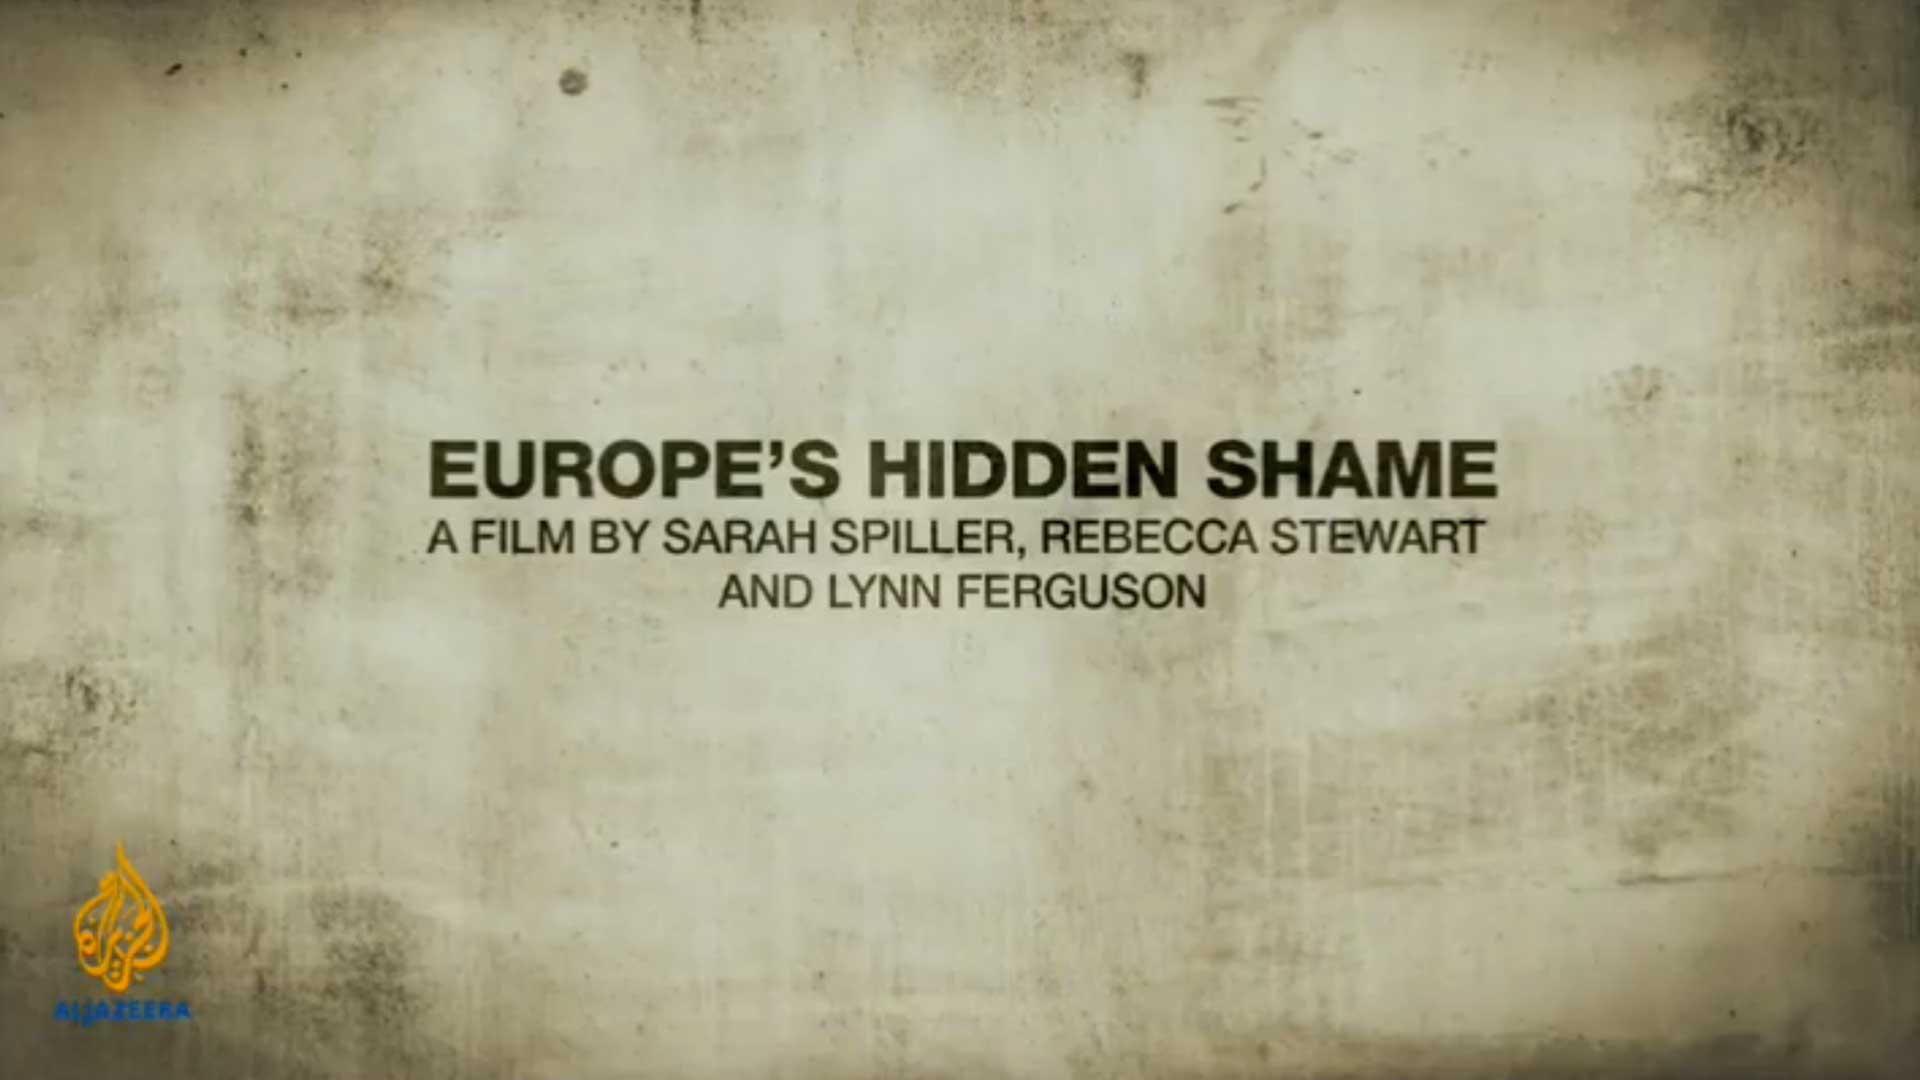 Europe's Hidden Shame